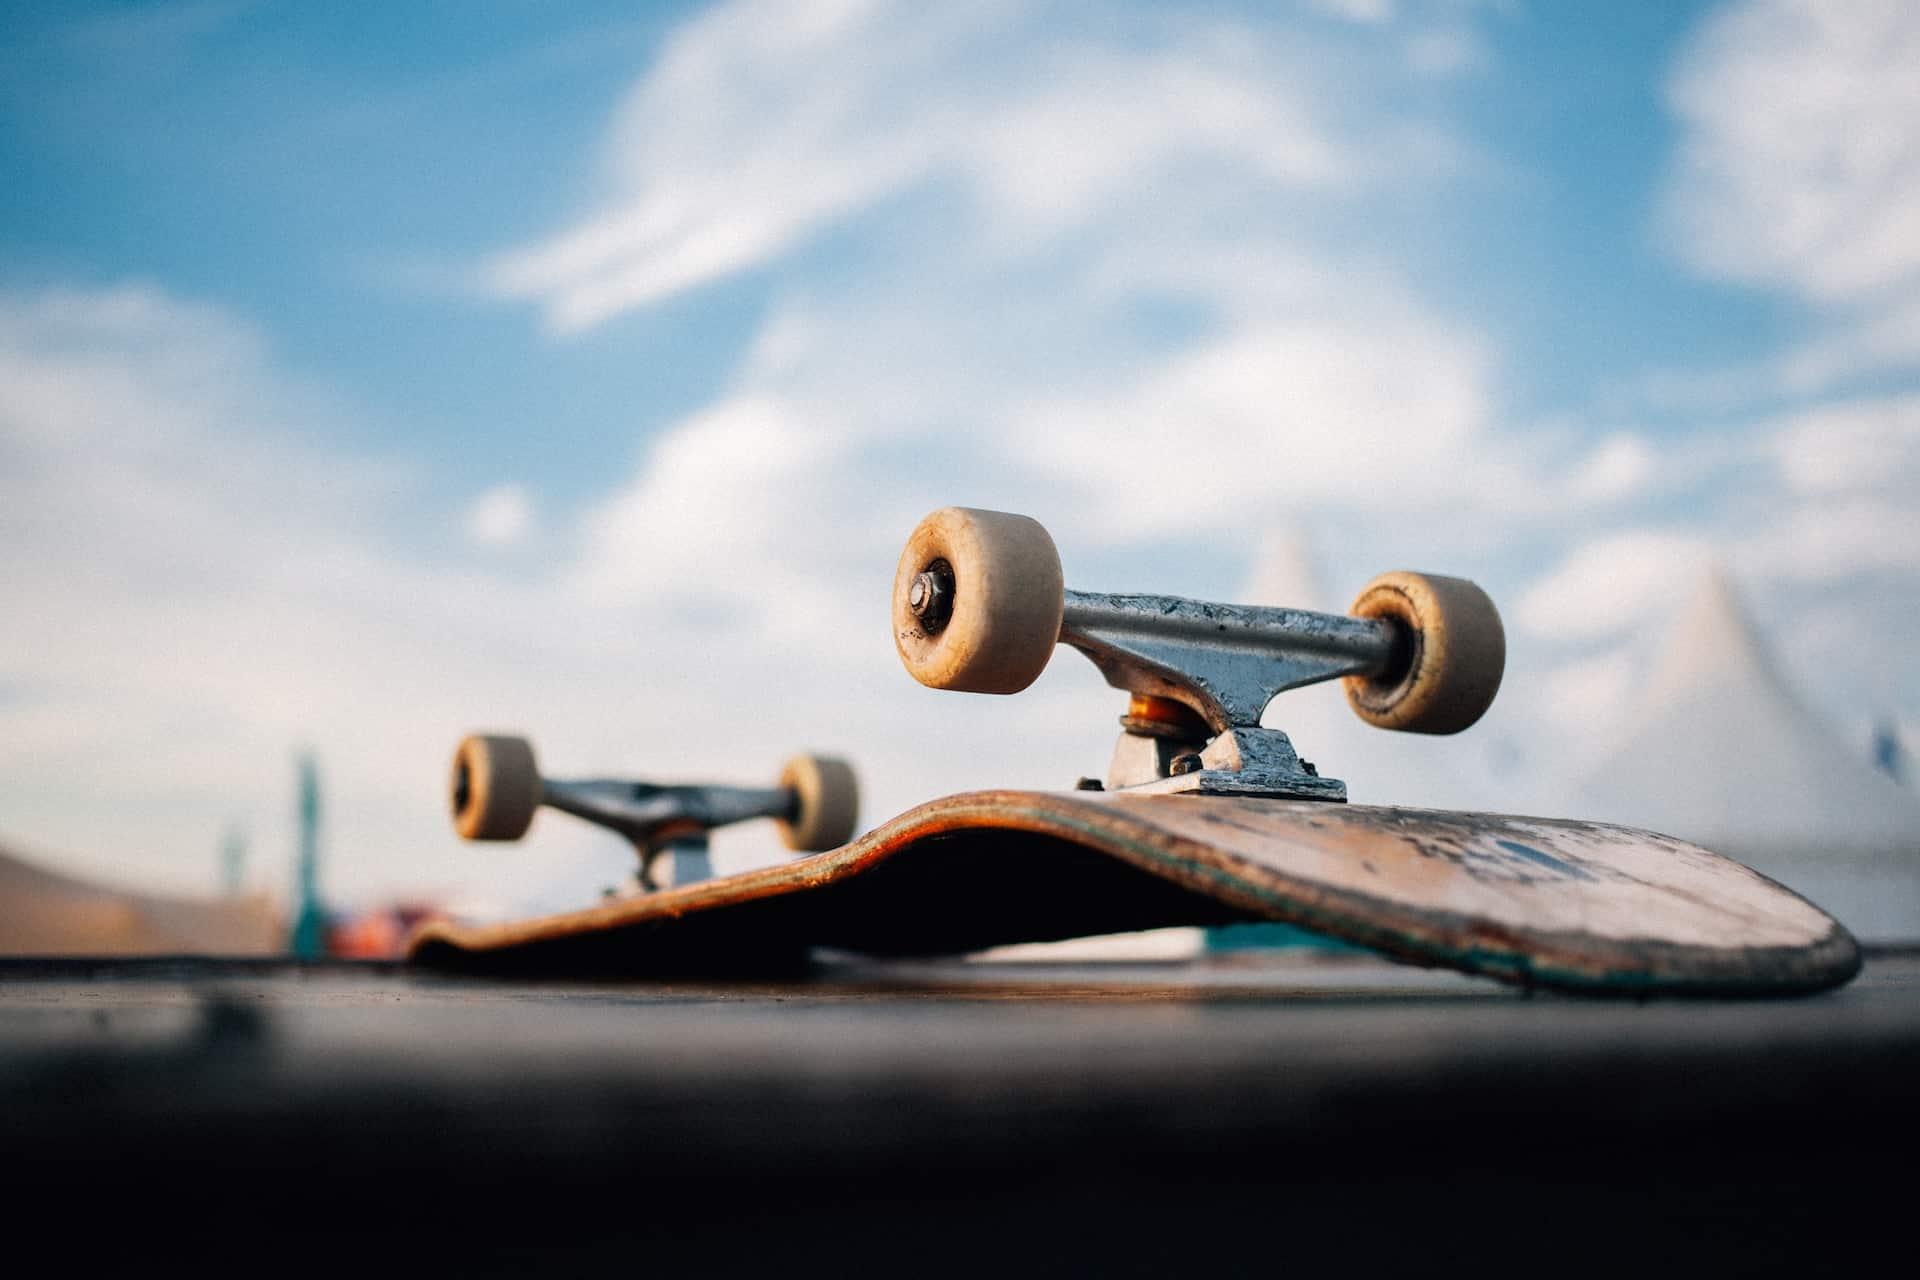 Skateboard liegt auf dem Brett mit den Rollen anch oben